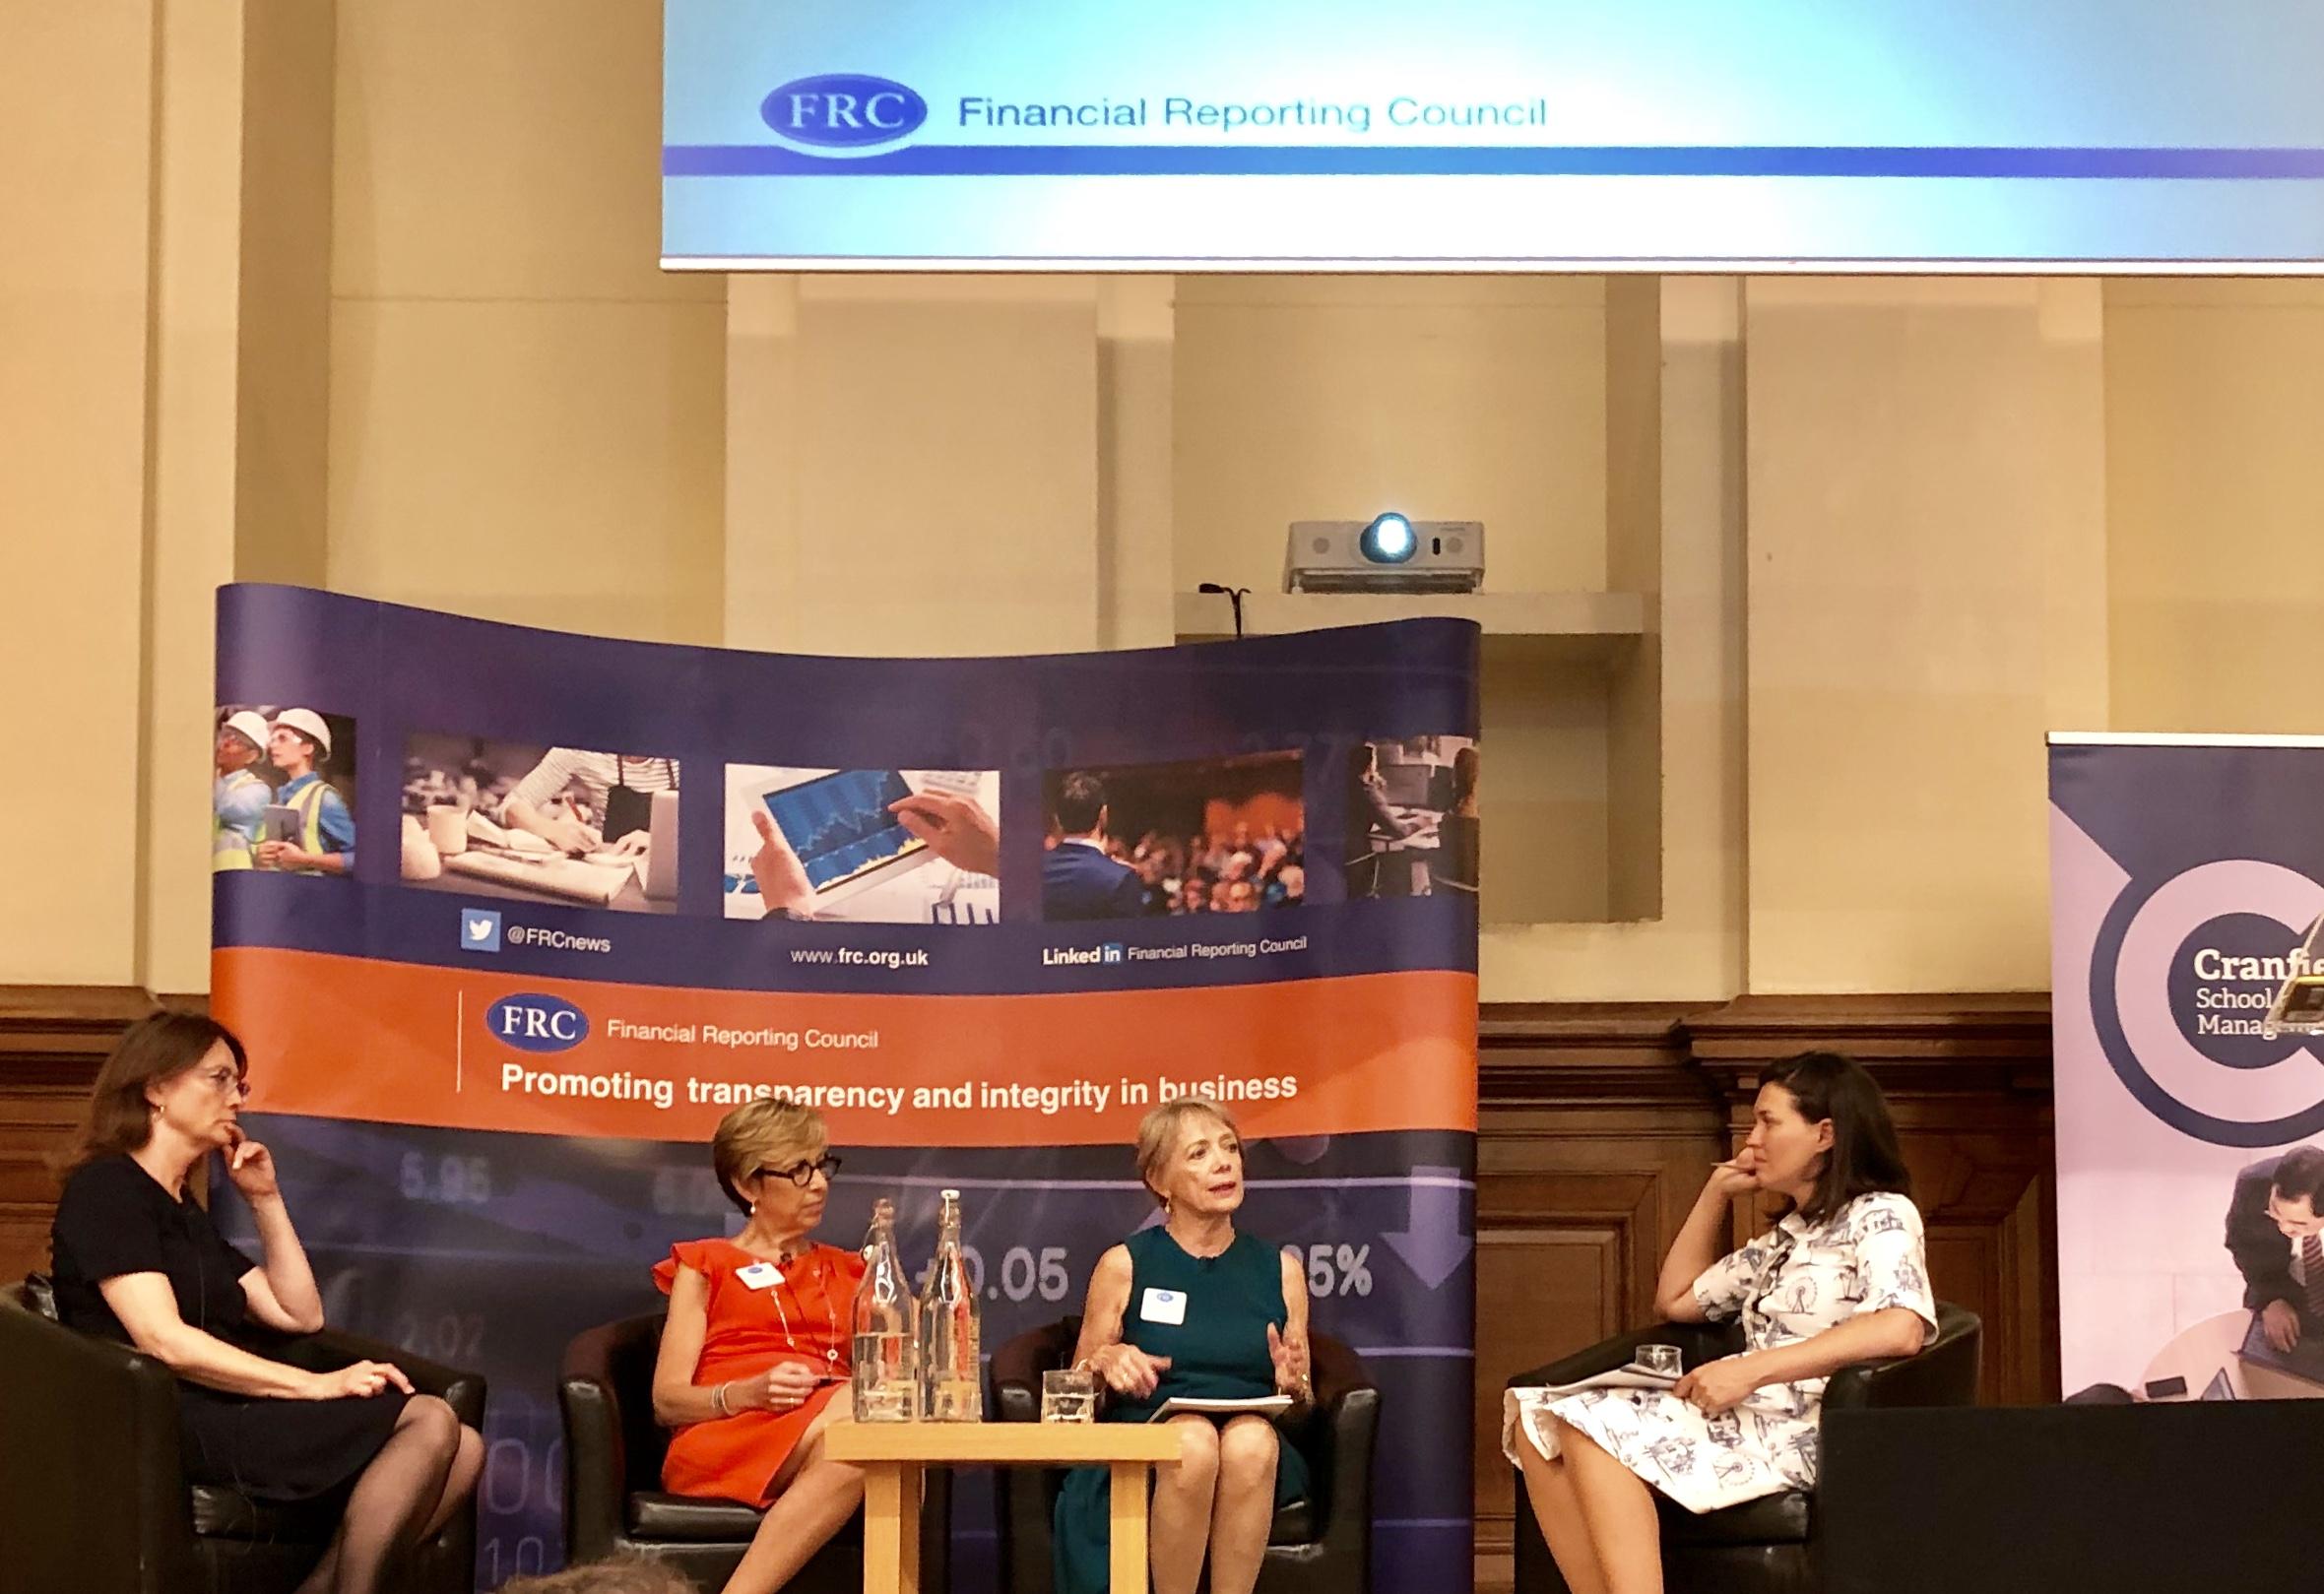 L to R: Fiona Cannon, Brenda Trenowden, Susan Vinnicombe, Katie Prescott July 11, London